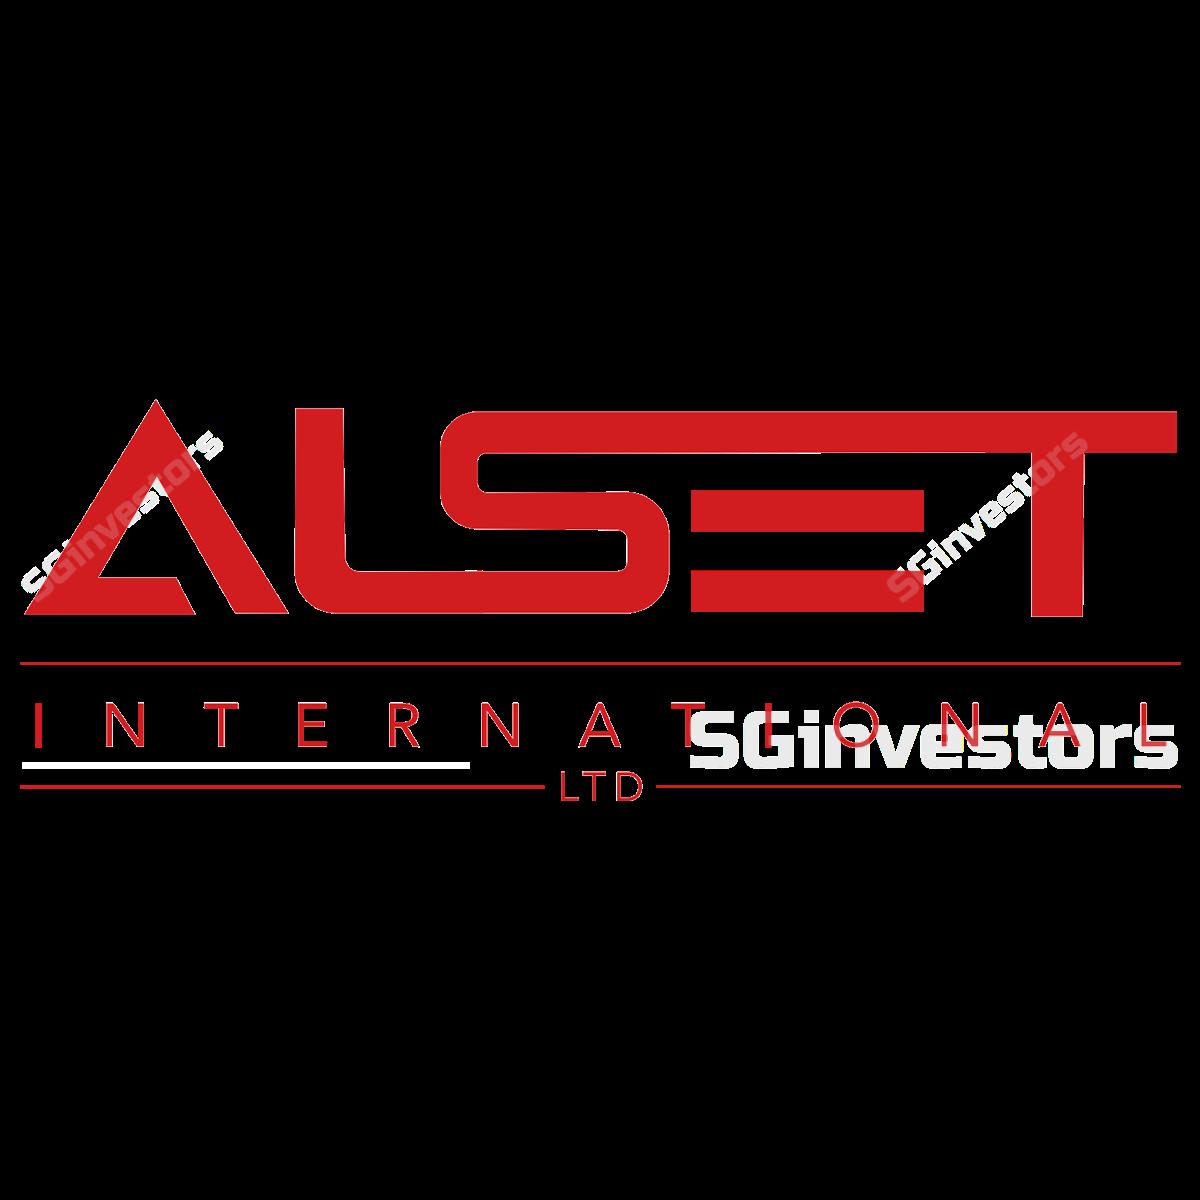 ALSET INTERNATIONAL LIMITED (SGX:40V) @ SGinvestors.io